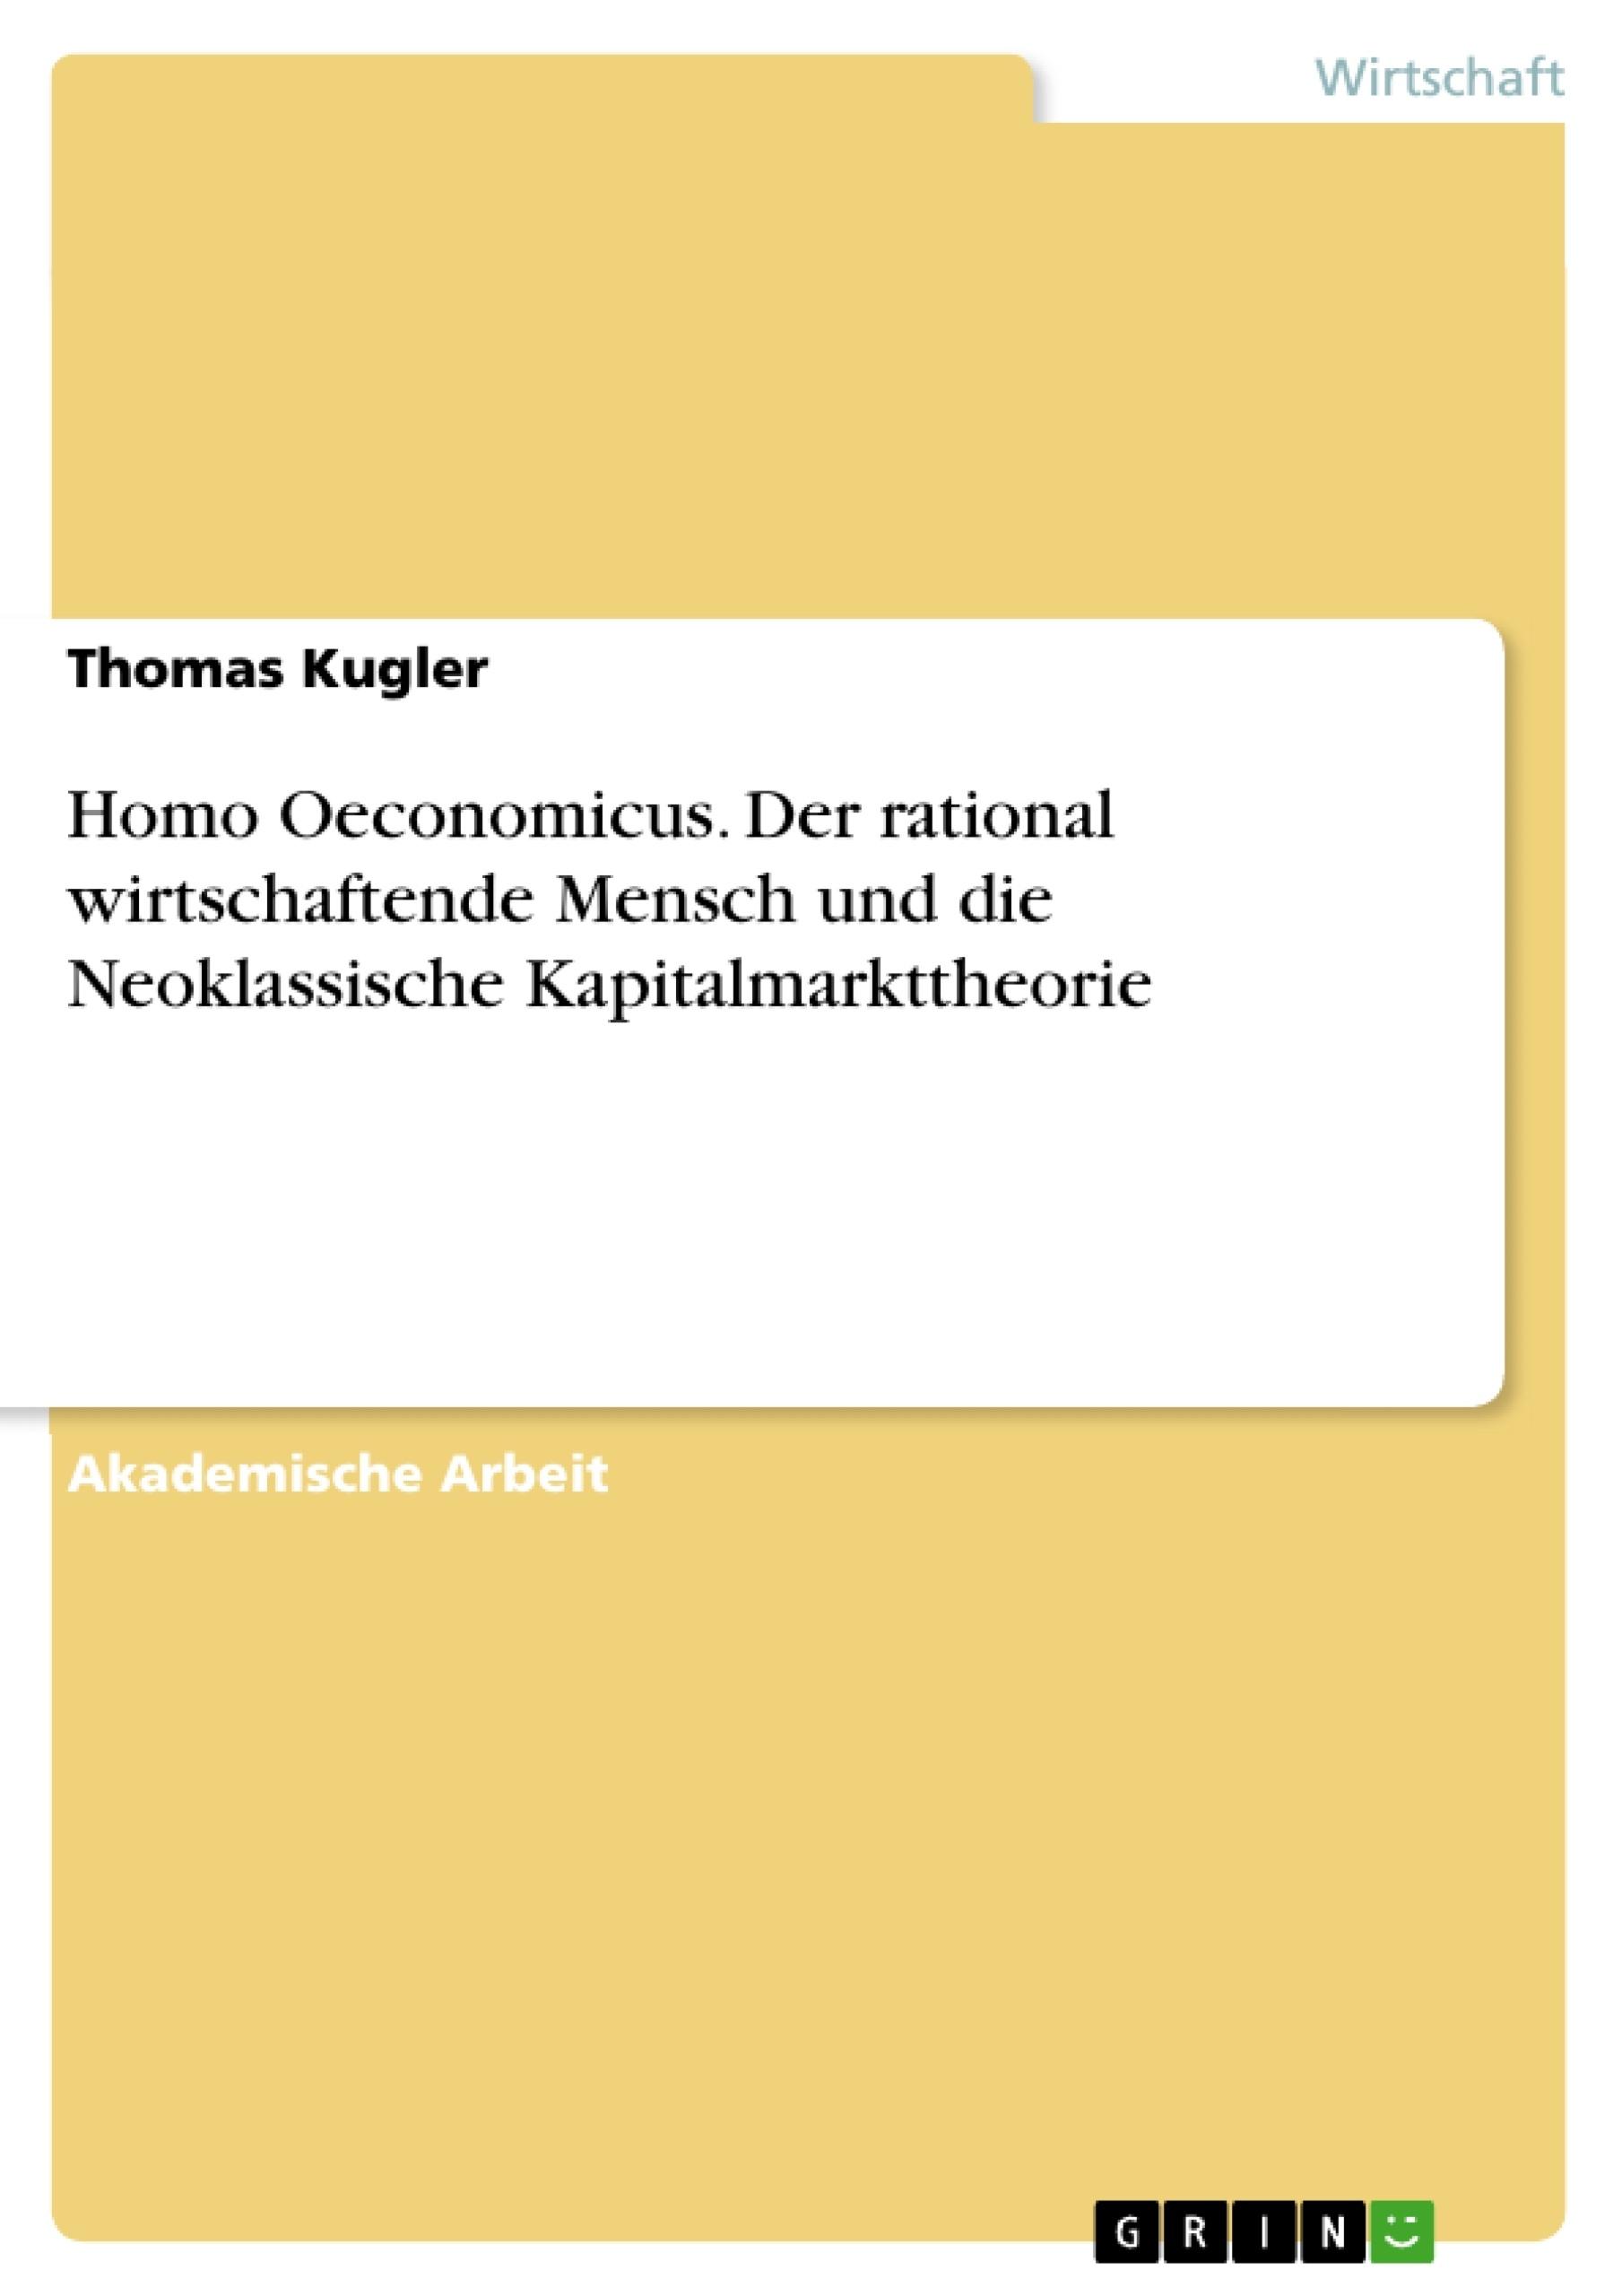 Titel: Homo Oeconomicus. Der rational wirtschaftende Mensch und die Neoklassische Kapitalmarkttheorie